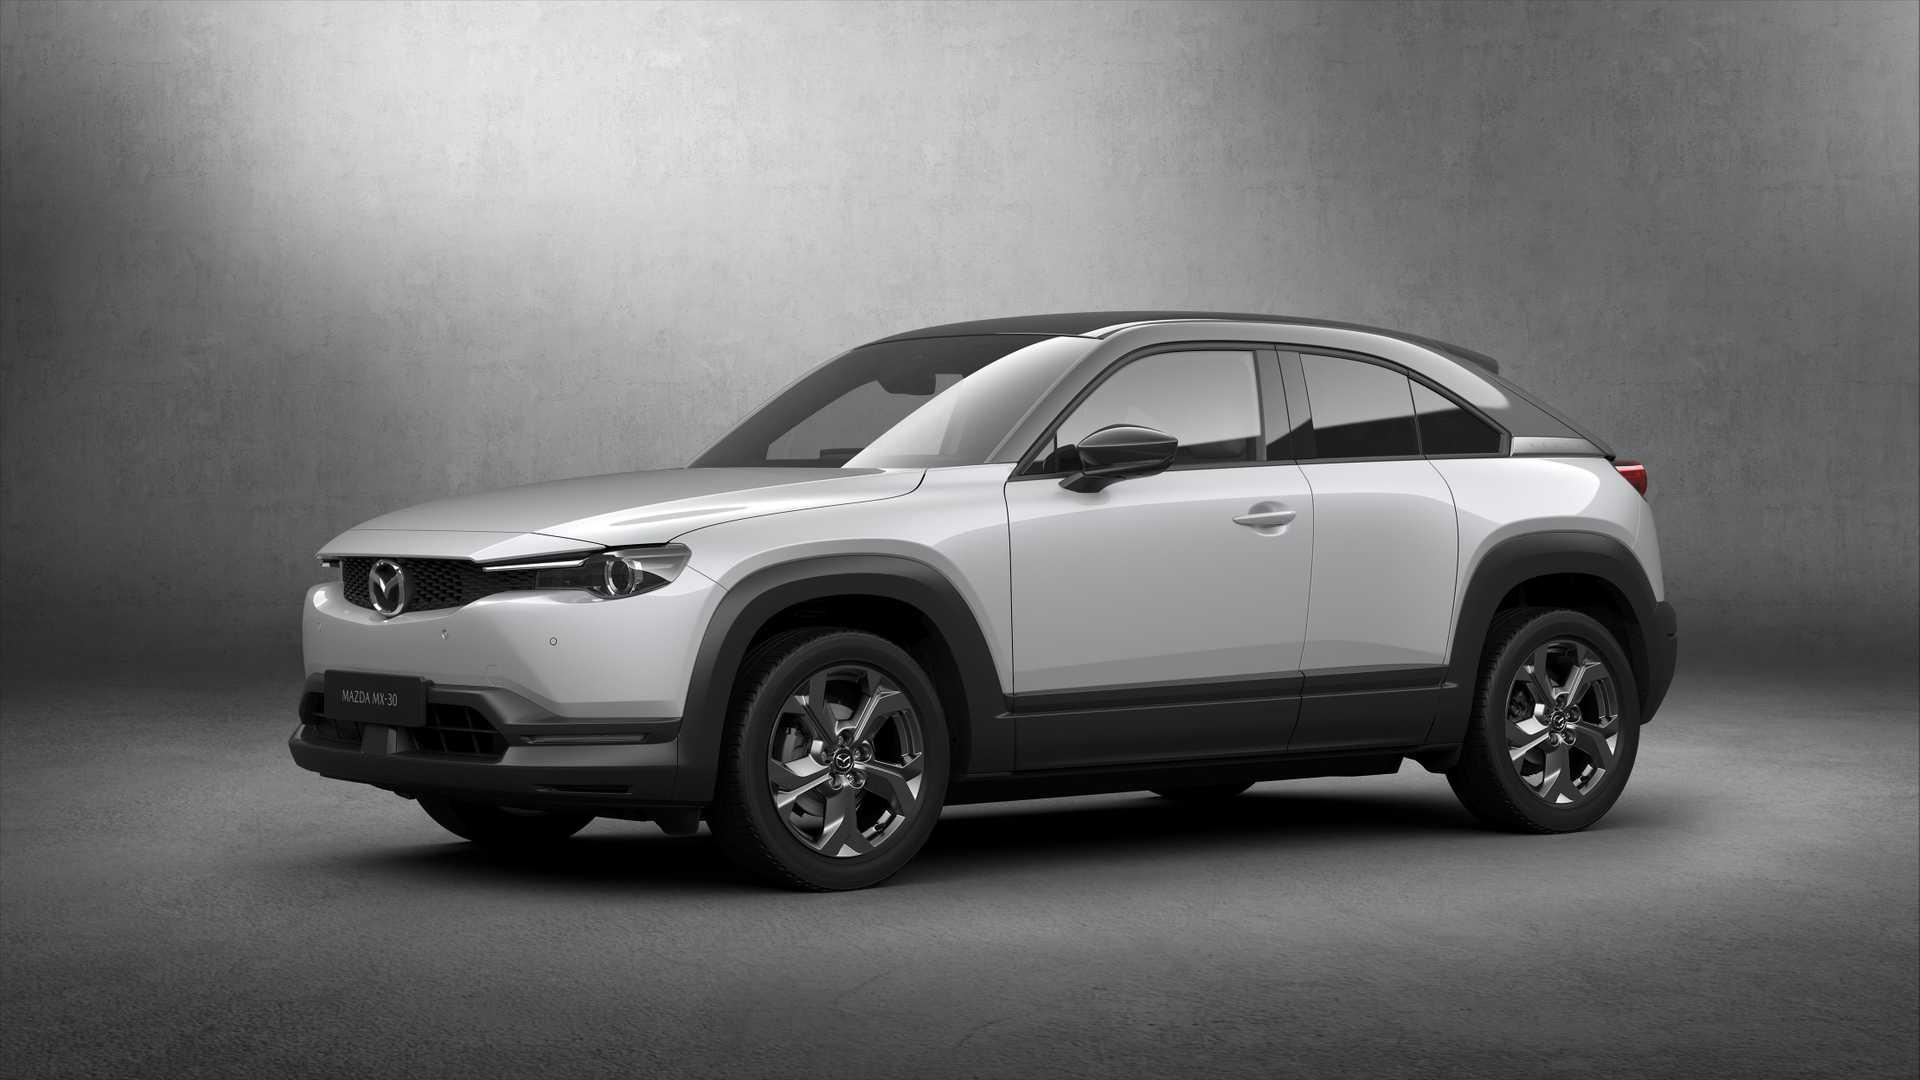 Mazda predstavila električni model MX-30 (GALERIJA)